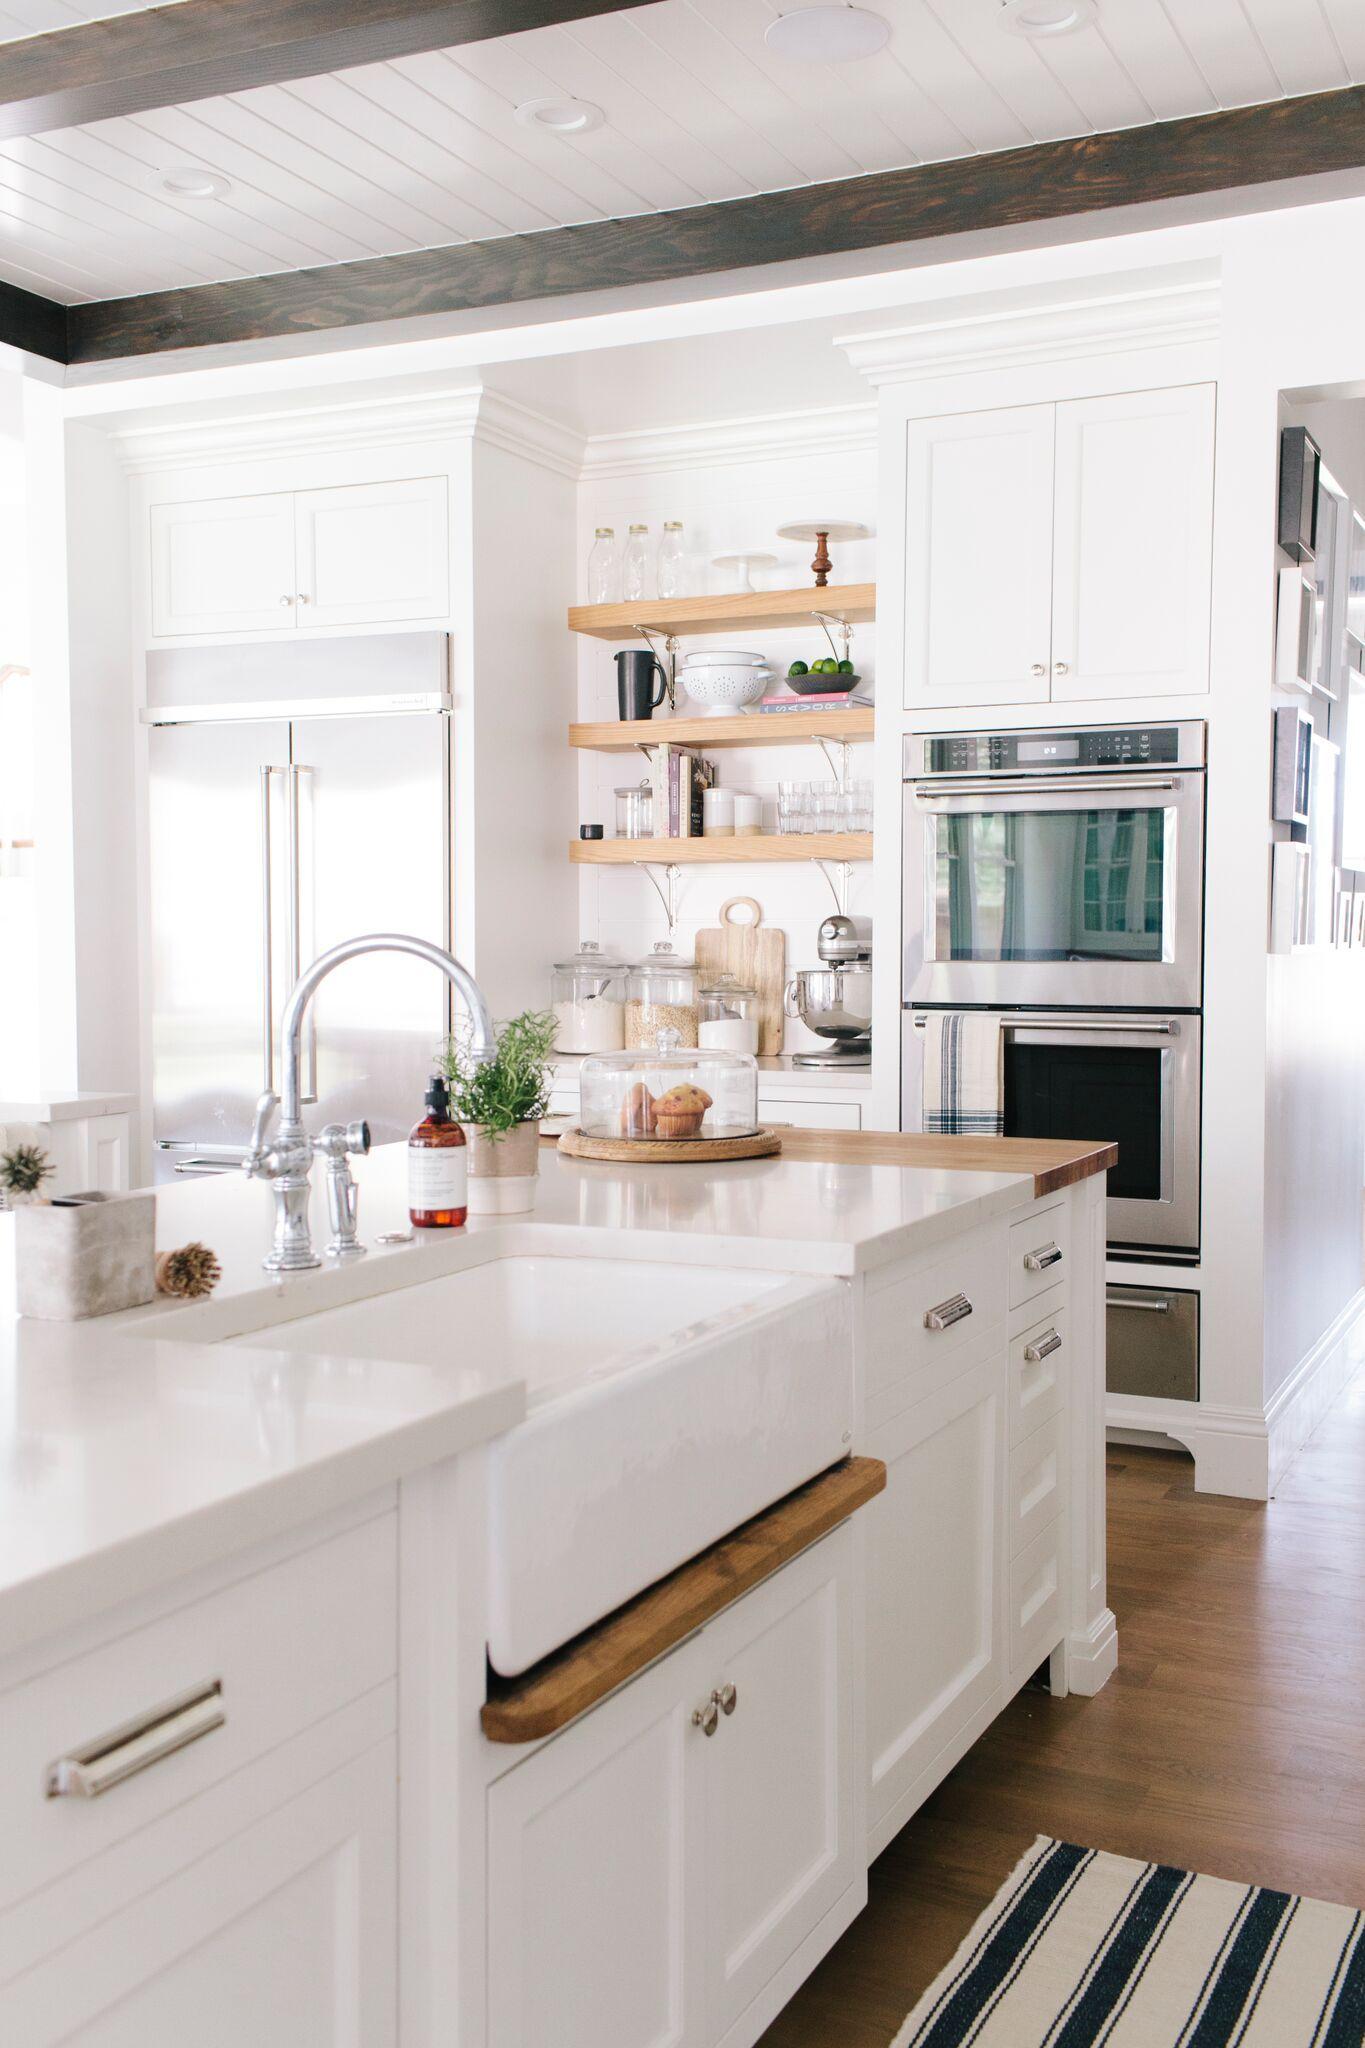 Spring Kitchen Refresh Kitchen styles, Kitchen